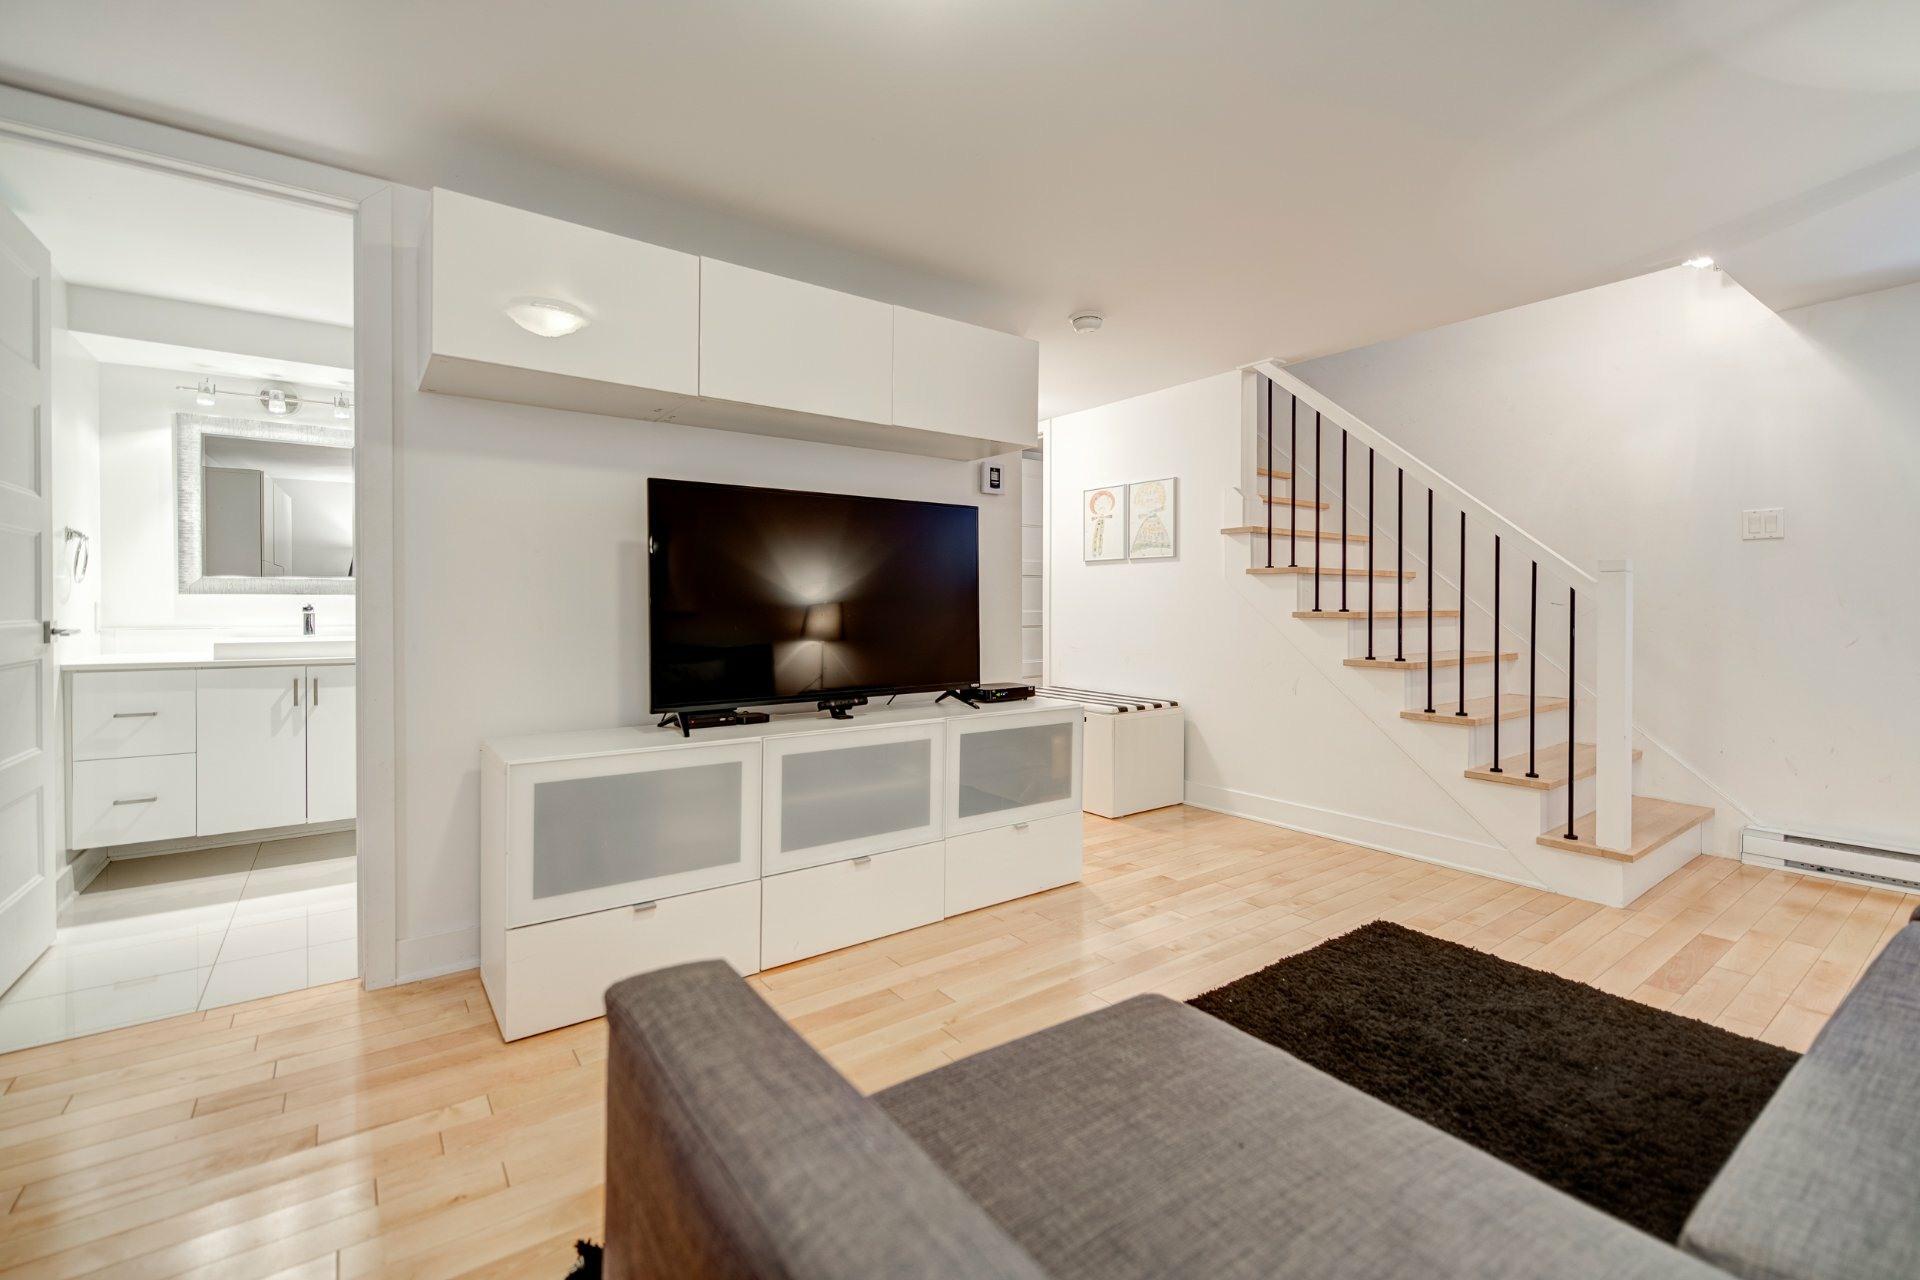 image 19 - Apartment For sale Rosemont/La Petite-Patrie Montréal  - 6 rooms